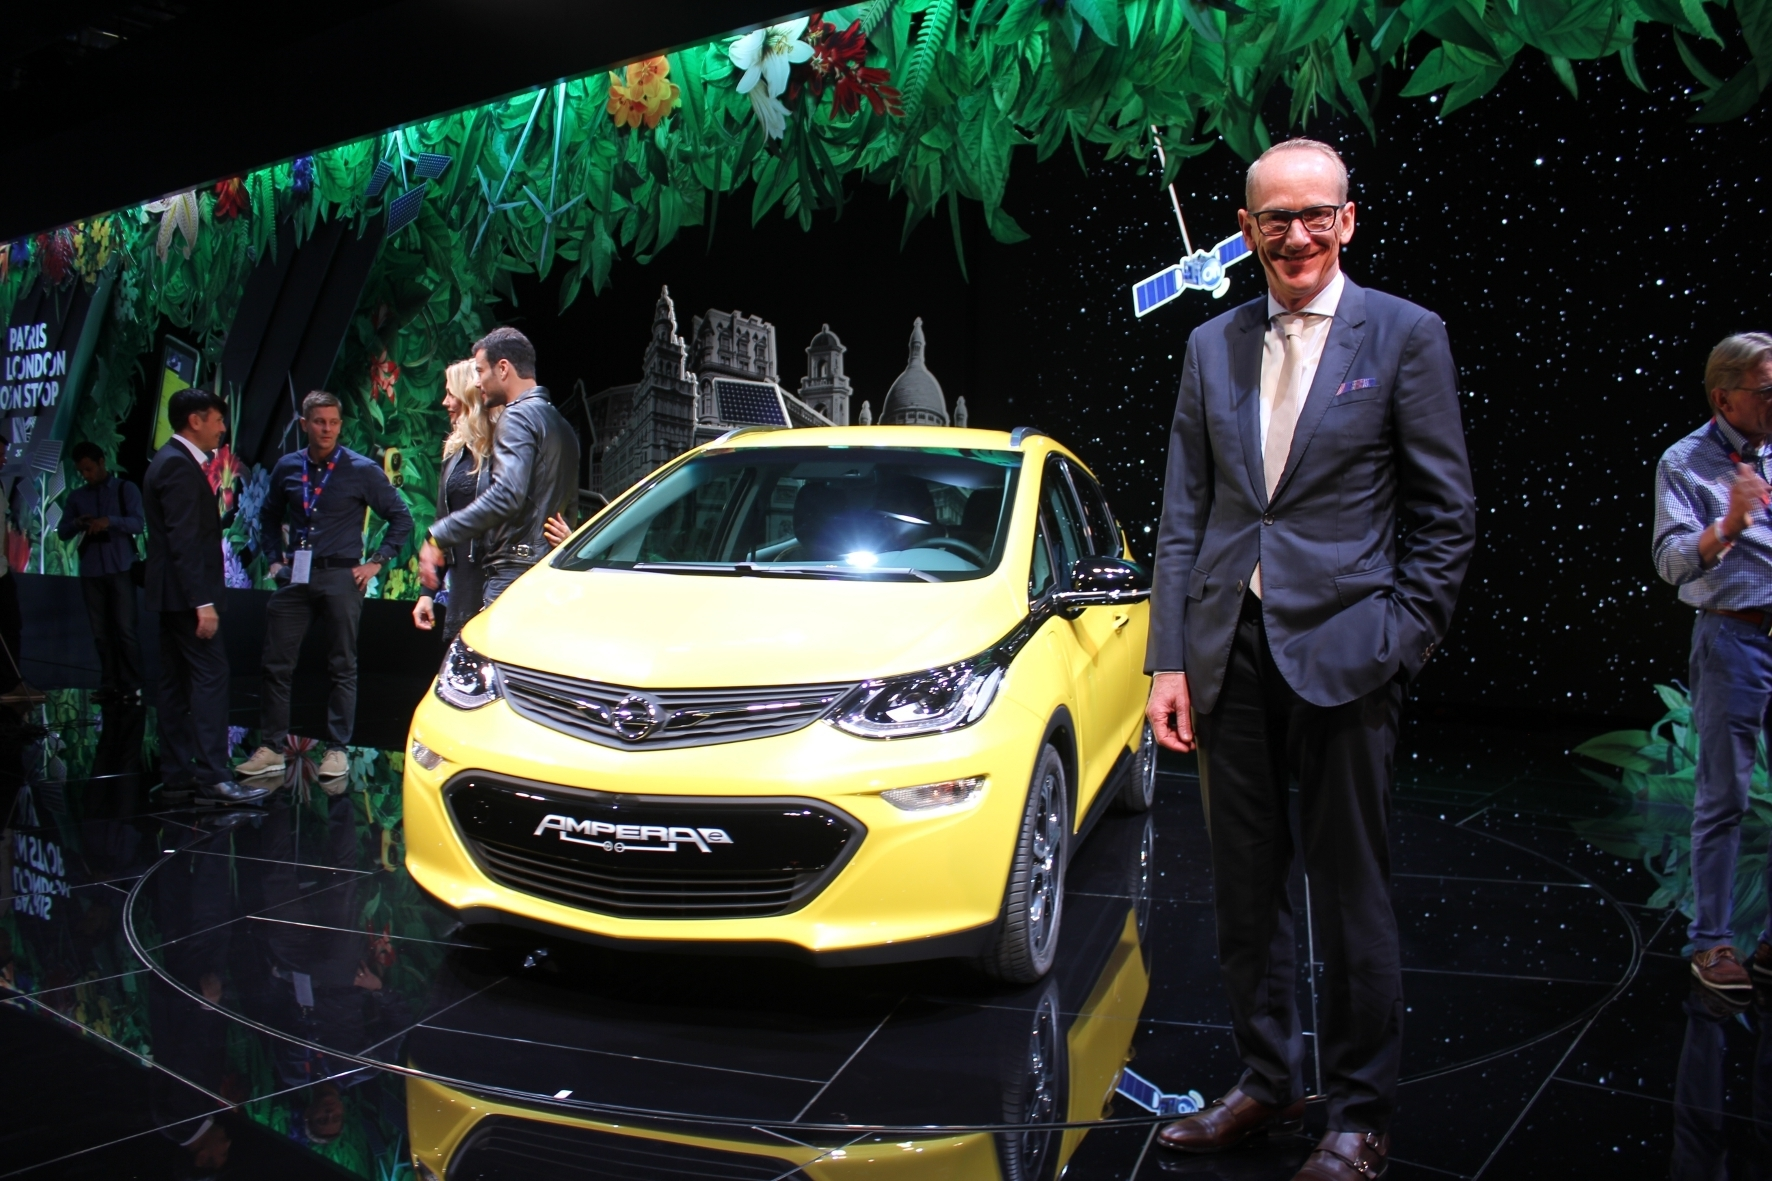 mid Paris - Opel-Chef Neumann und der neue Volksstromer der Marke Ampera-e.